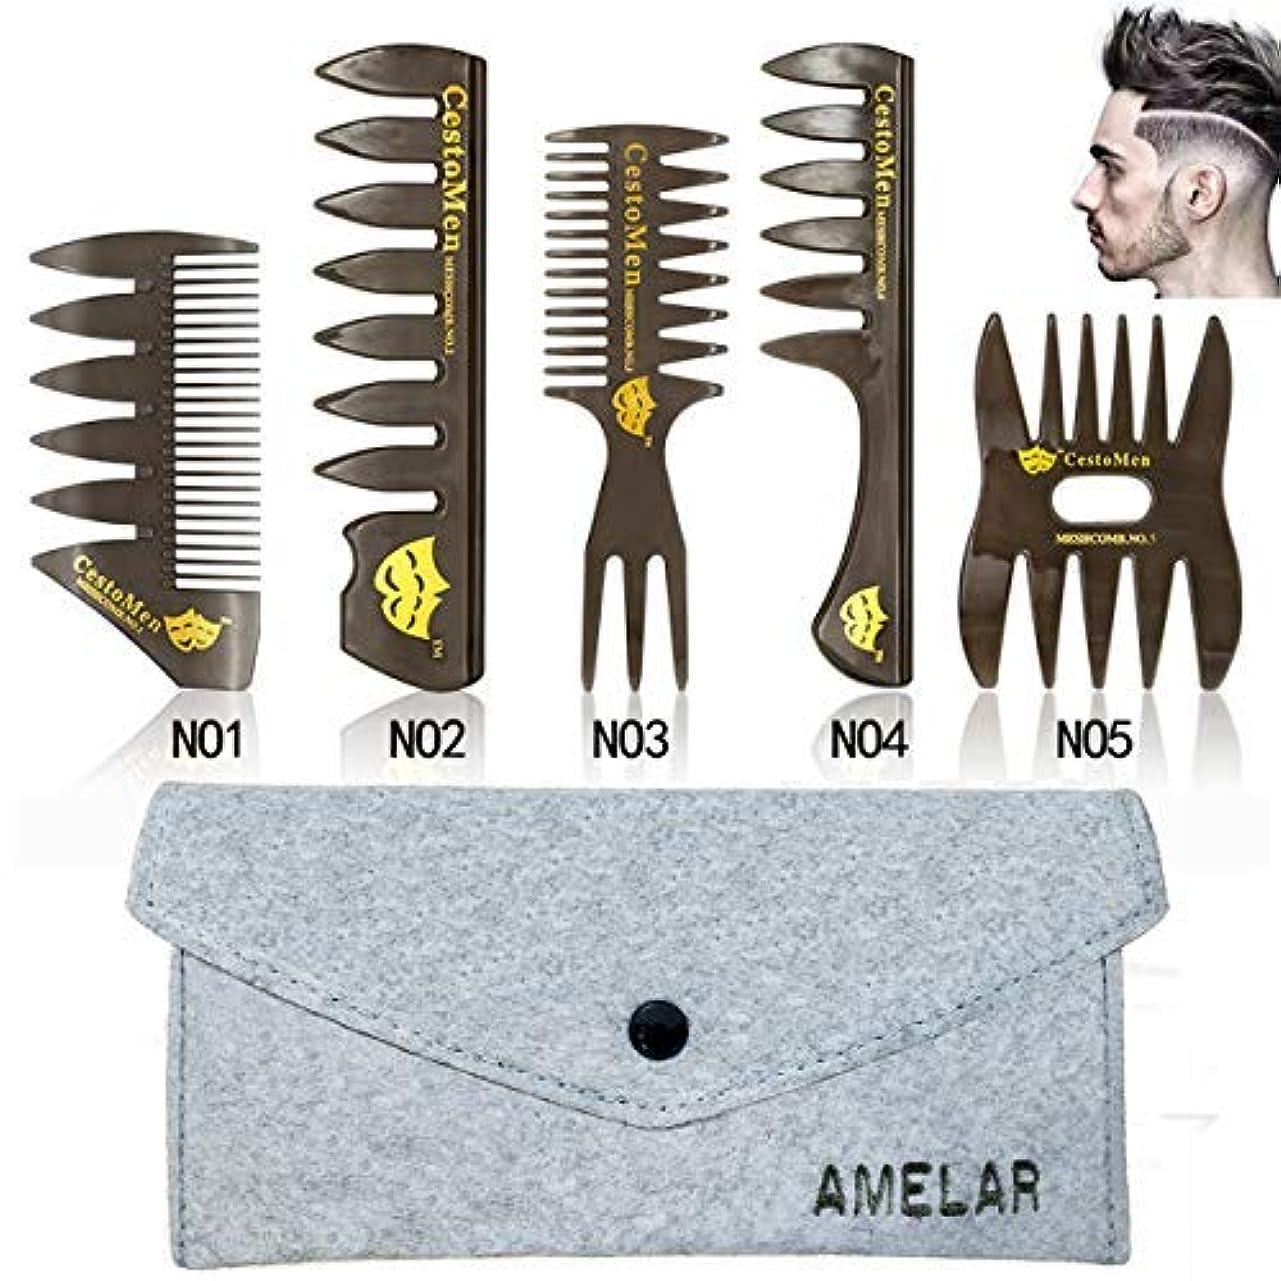 シニス顕微鏡オペラ6 PCS Hair Comb Styling Set Barber Hairstylist Accessories,Professional Shaping & Wet Pick Barber Brush Tools,...